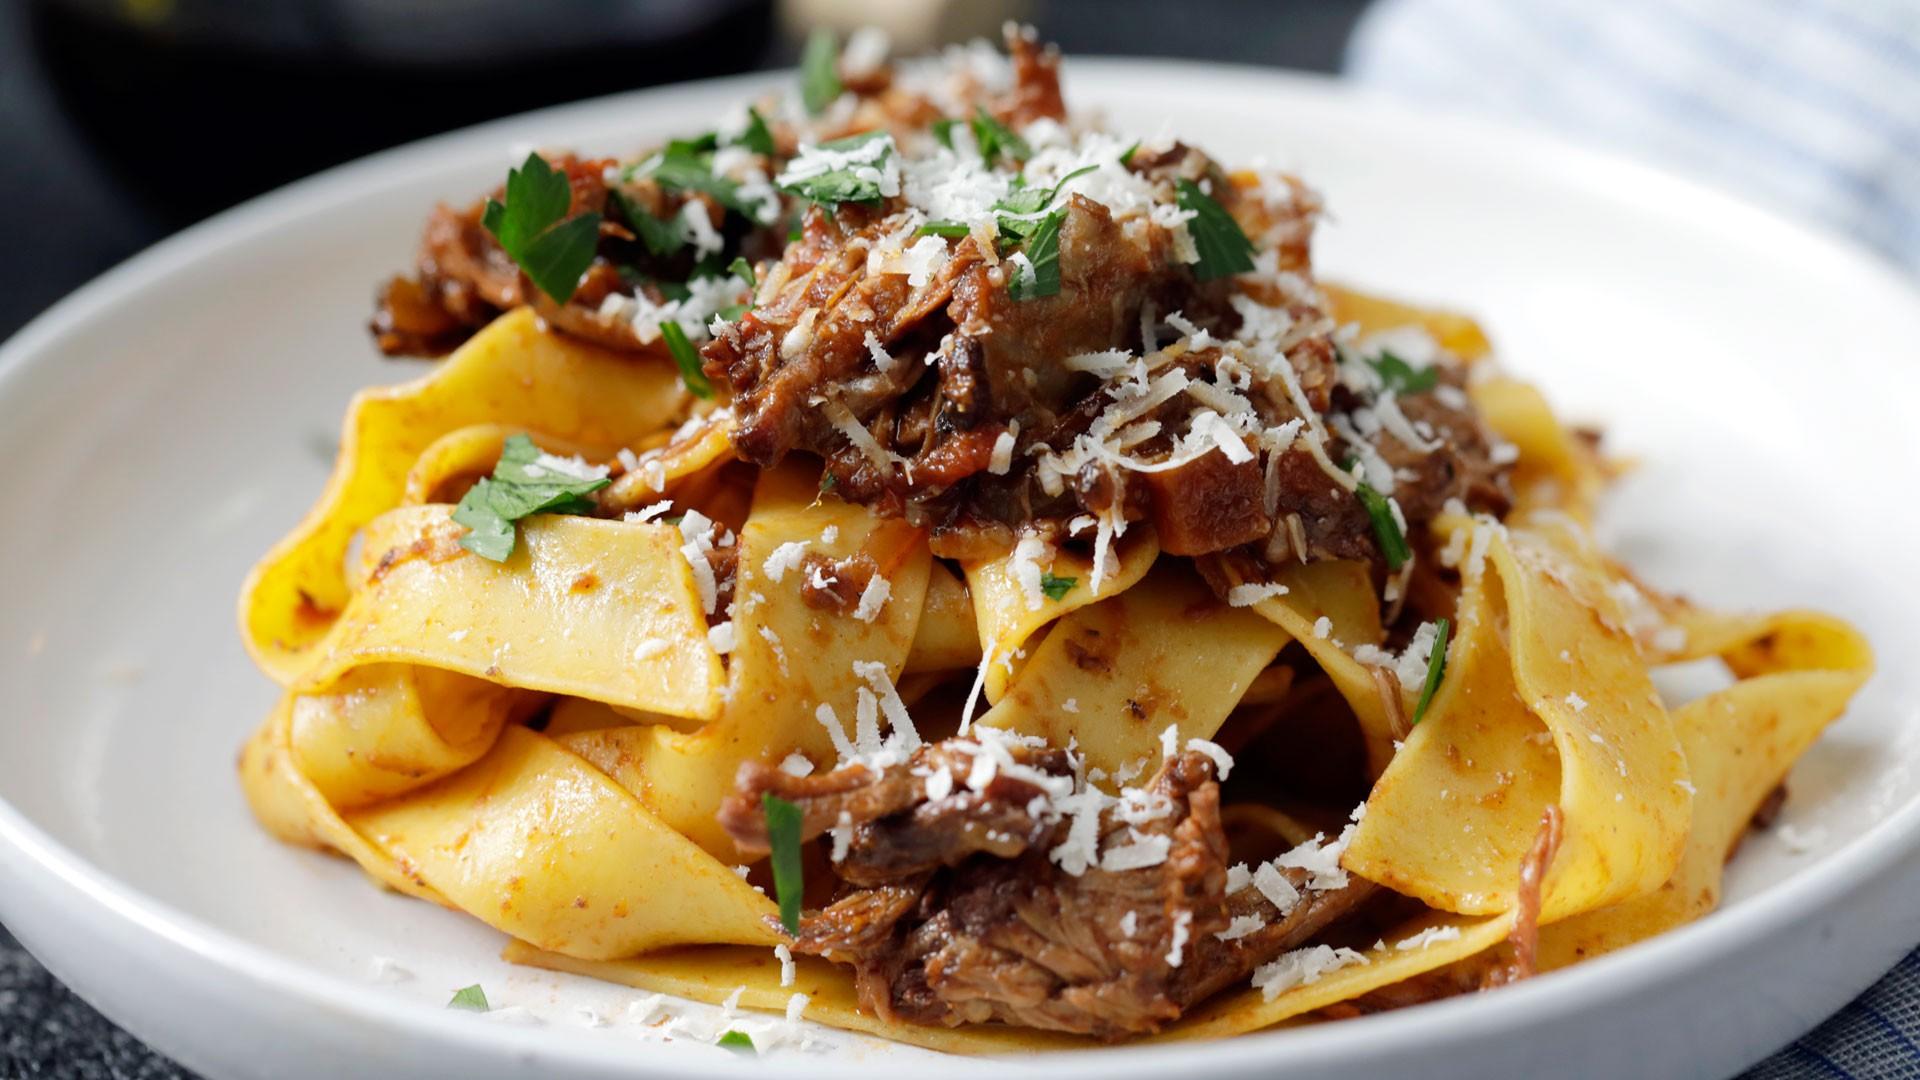 Có đa dạng các loại pasta nhưng bạn hãy xem mình đã thưởng thức đúng cách chưa? - Ảnh 4.